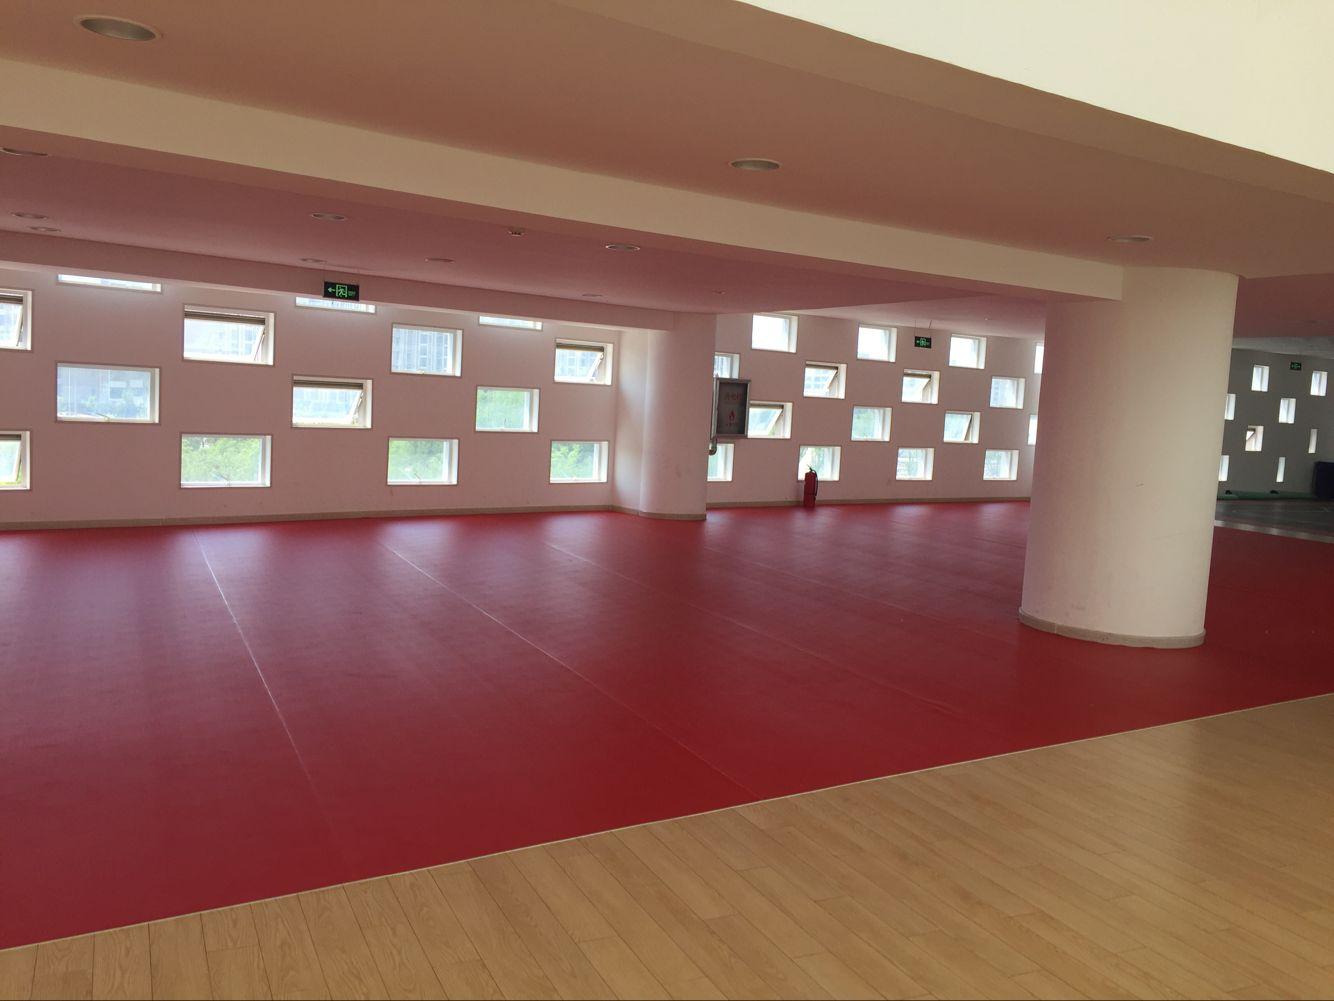 乒乓球地胶,乒乓球训练室地胶